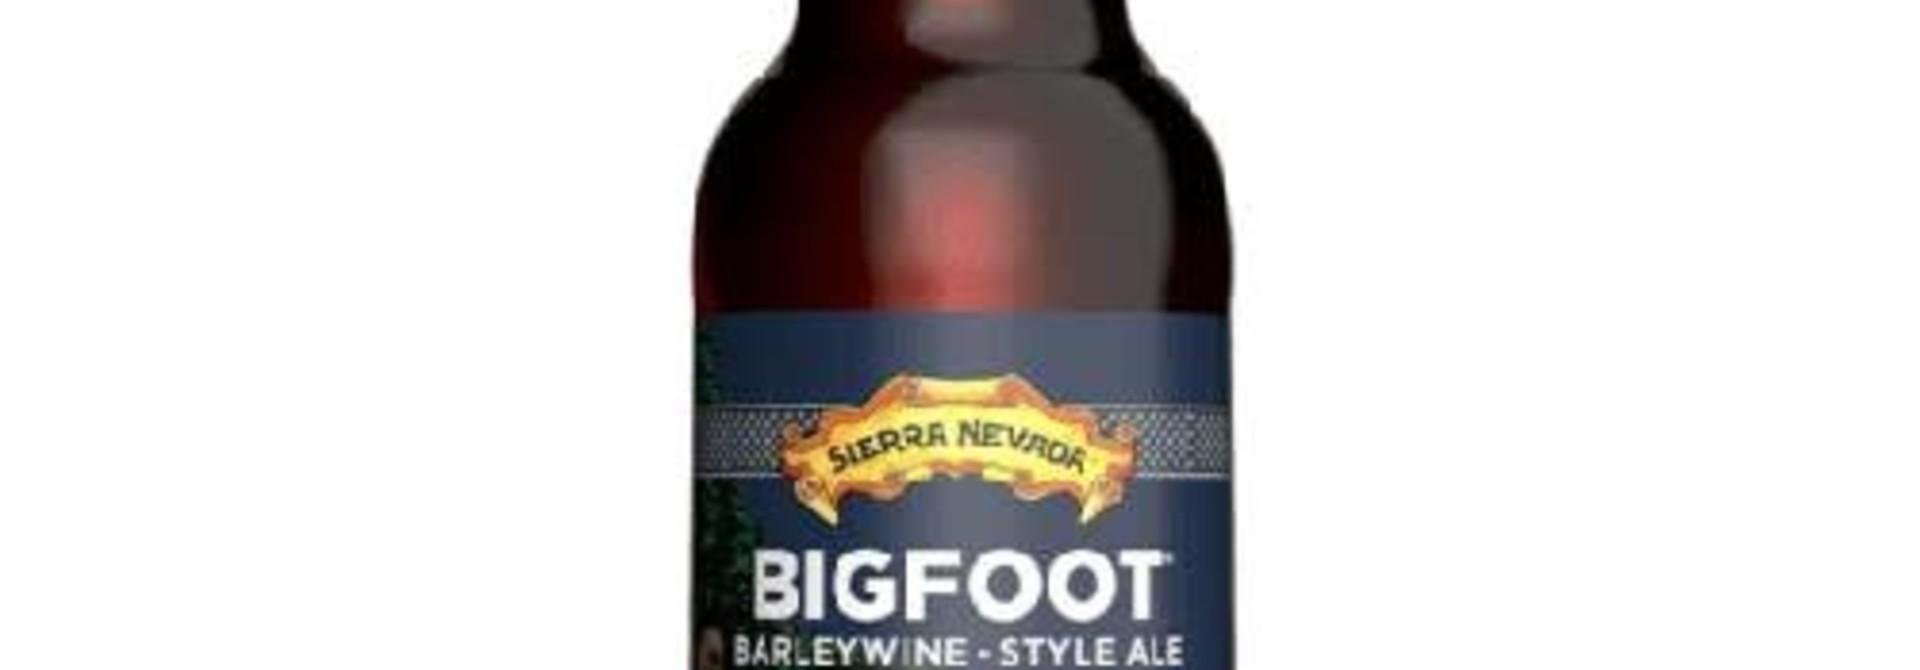 SIERRA NEVADA - BIGFOOT BARLEYWINE 2021